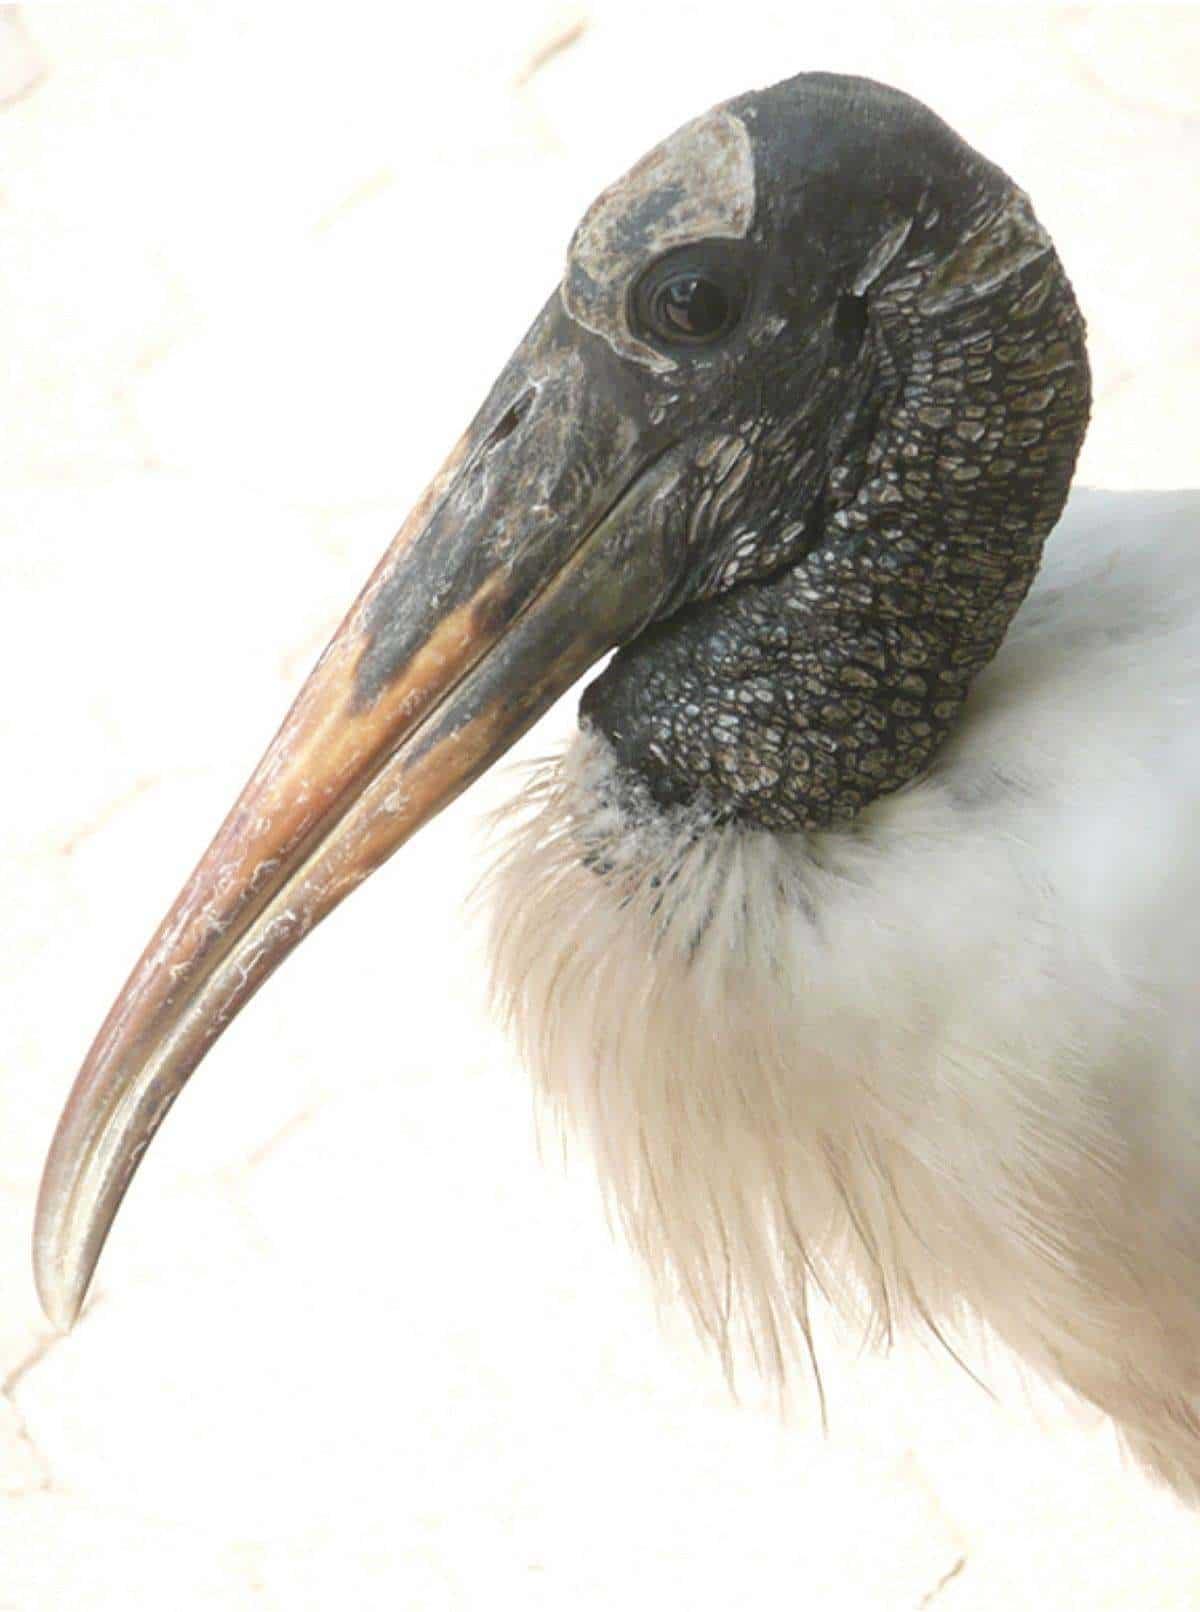 Wood-Stork-Portrait.jpg-nggid03270-ngg0dyn-1200x1612-00f0w010c010r110f110r010t010